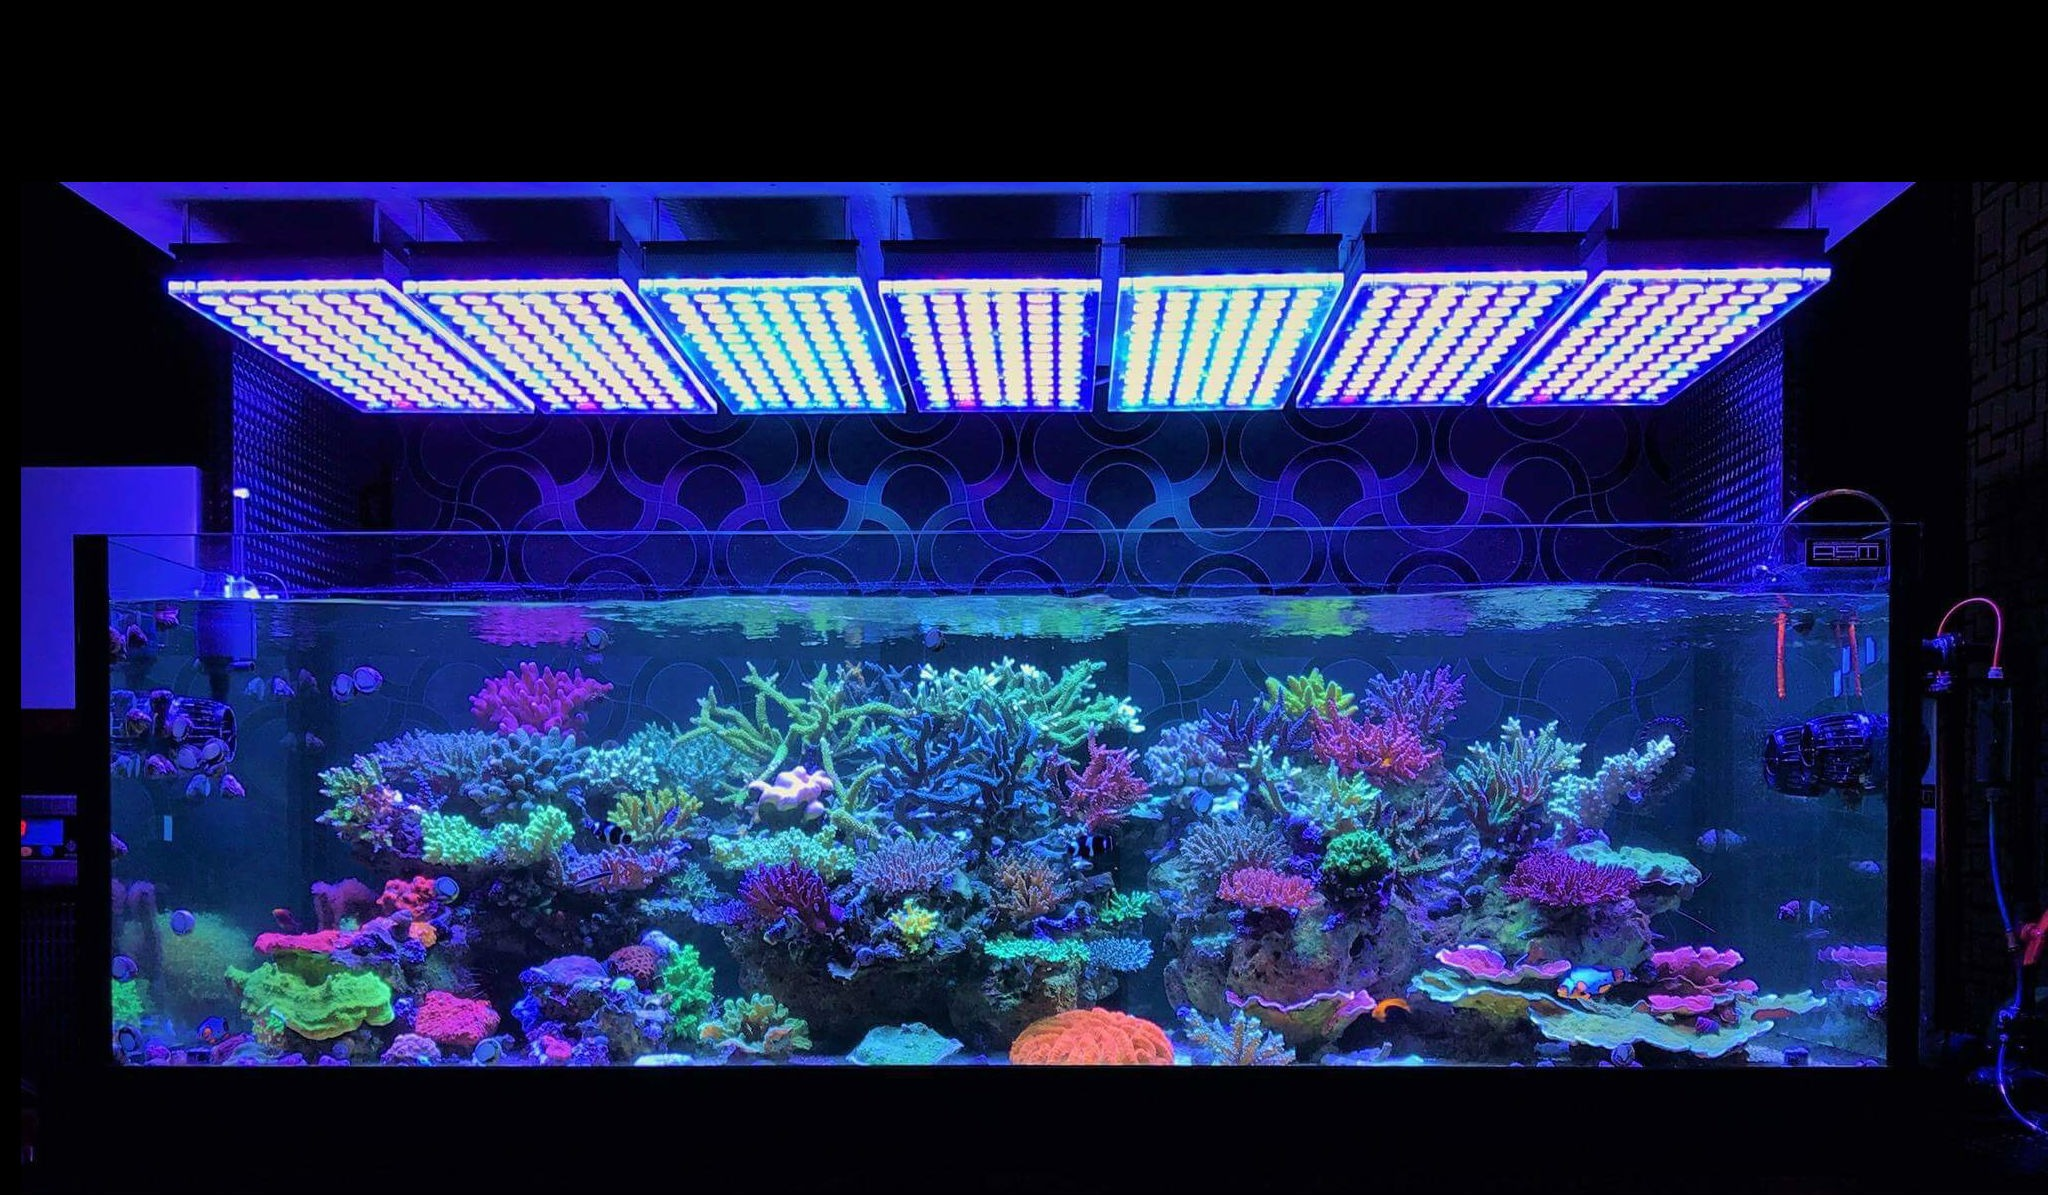 Aquarium-LED-light-Orphek-Atlantik-V4-reef-1 Verwunderlich Bilder Mit Led Licht Dekorationen